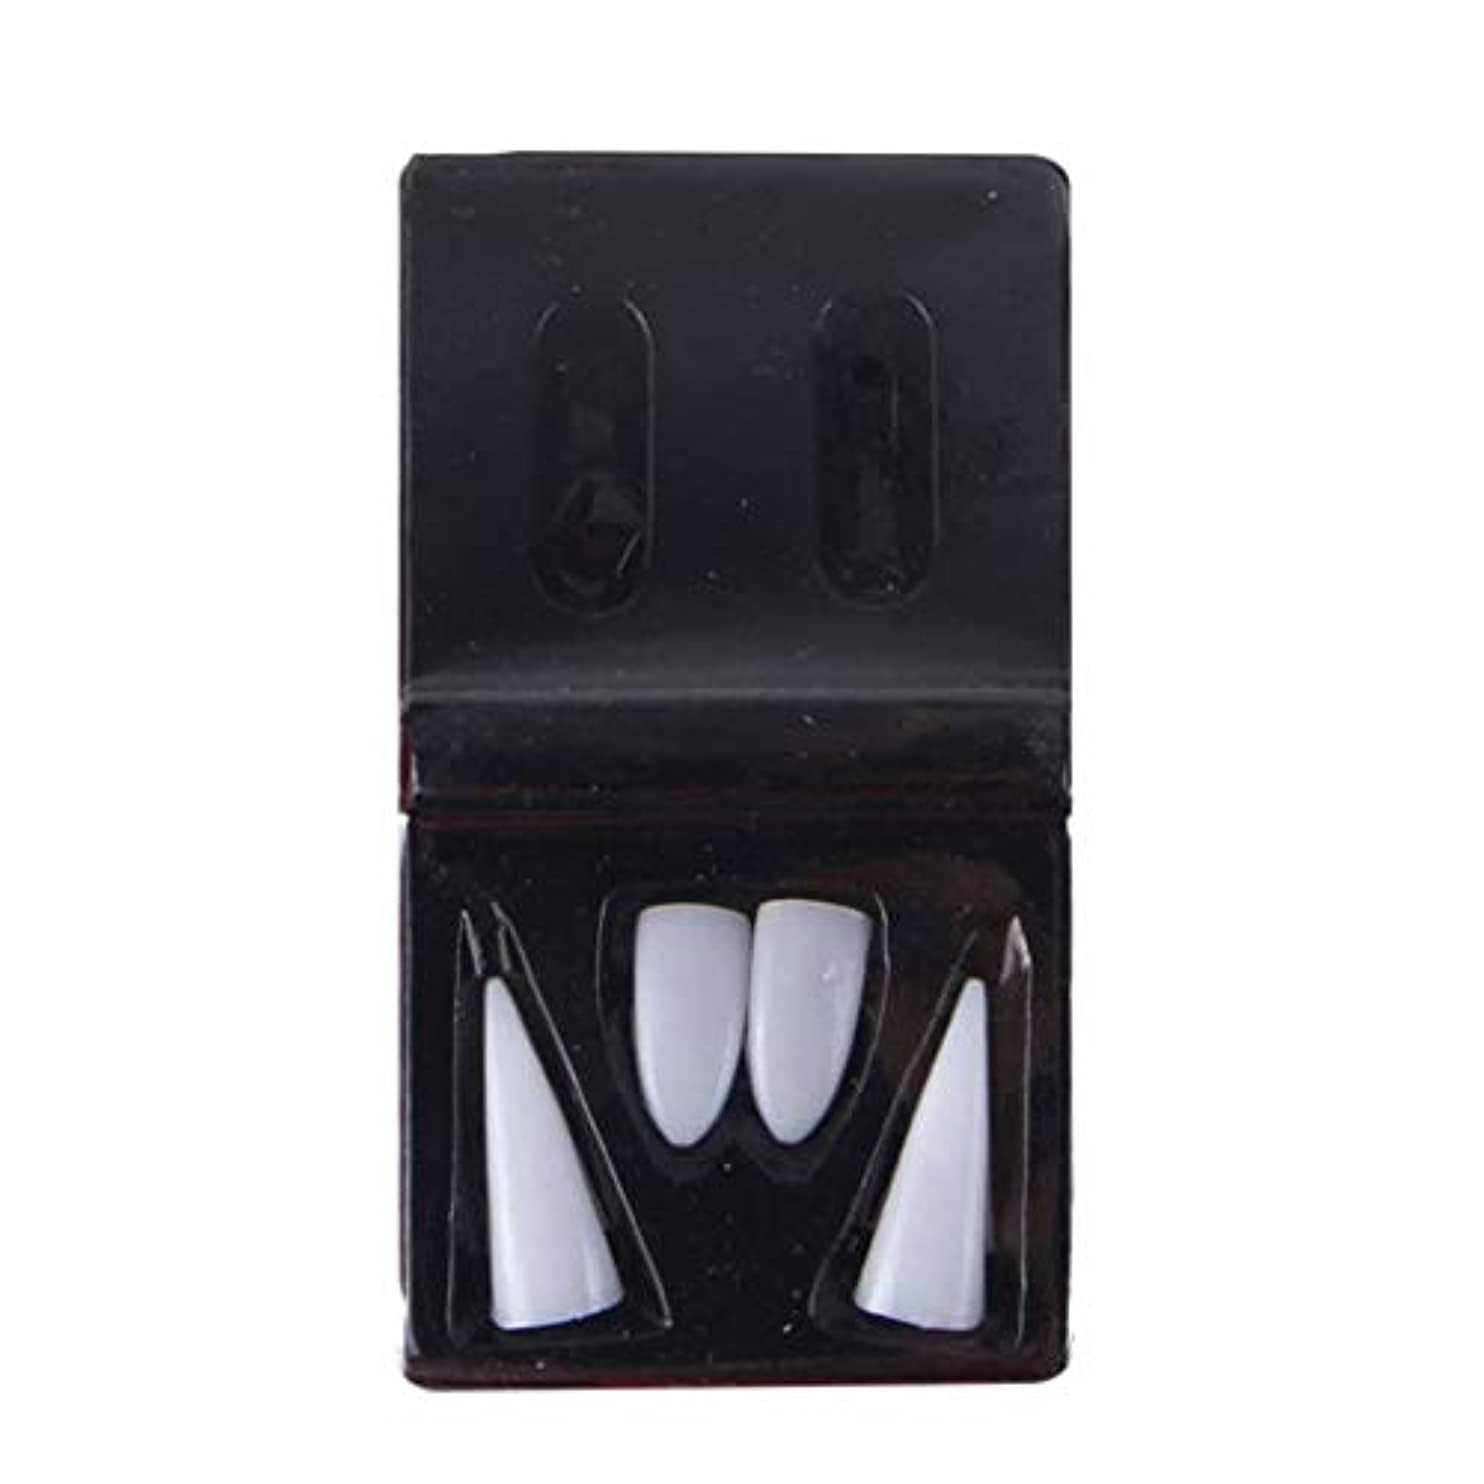 黒板聞く作物Nerhaily 吸血鬼 小悪魔 つけキバ 付け歯 コスプレ吸血鬼 バンパイア 仮装 キバ コスプレ 衣装 バンパイアの牙